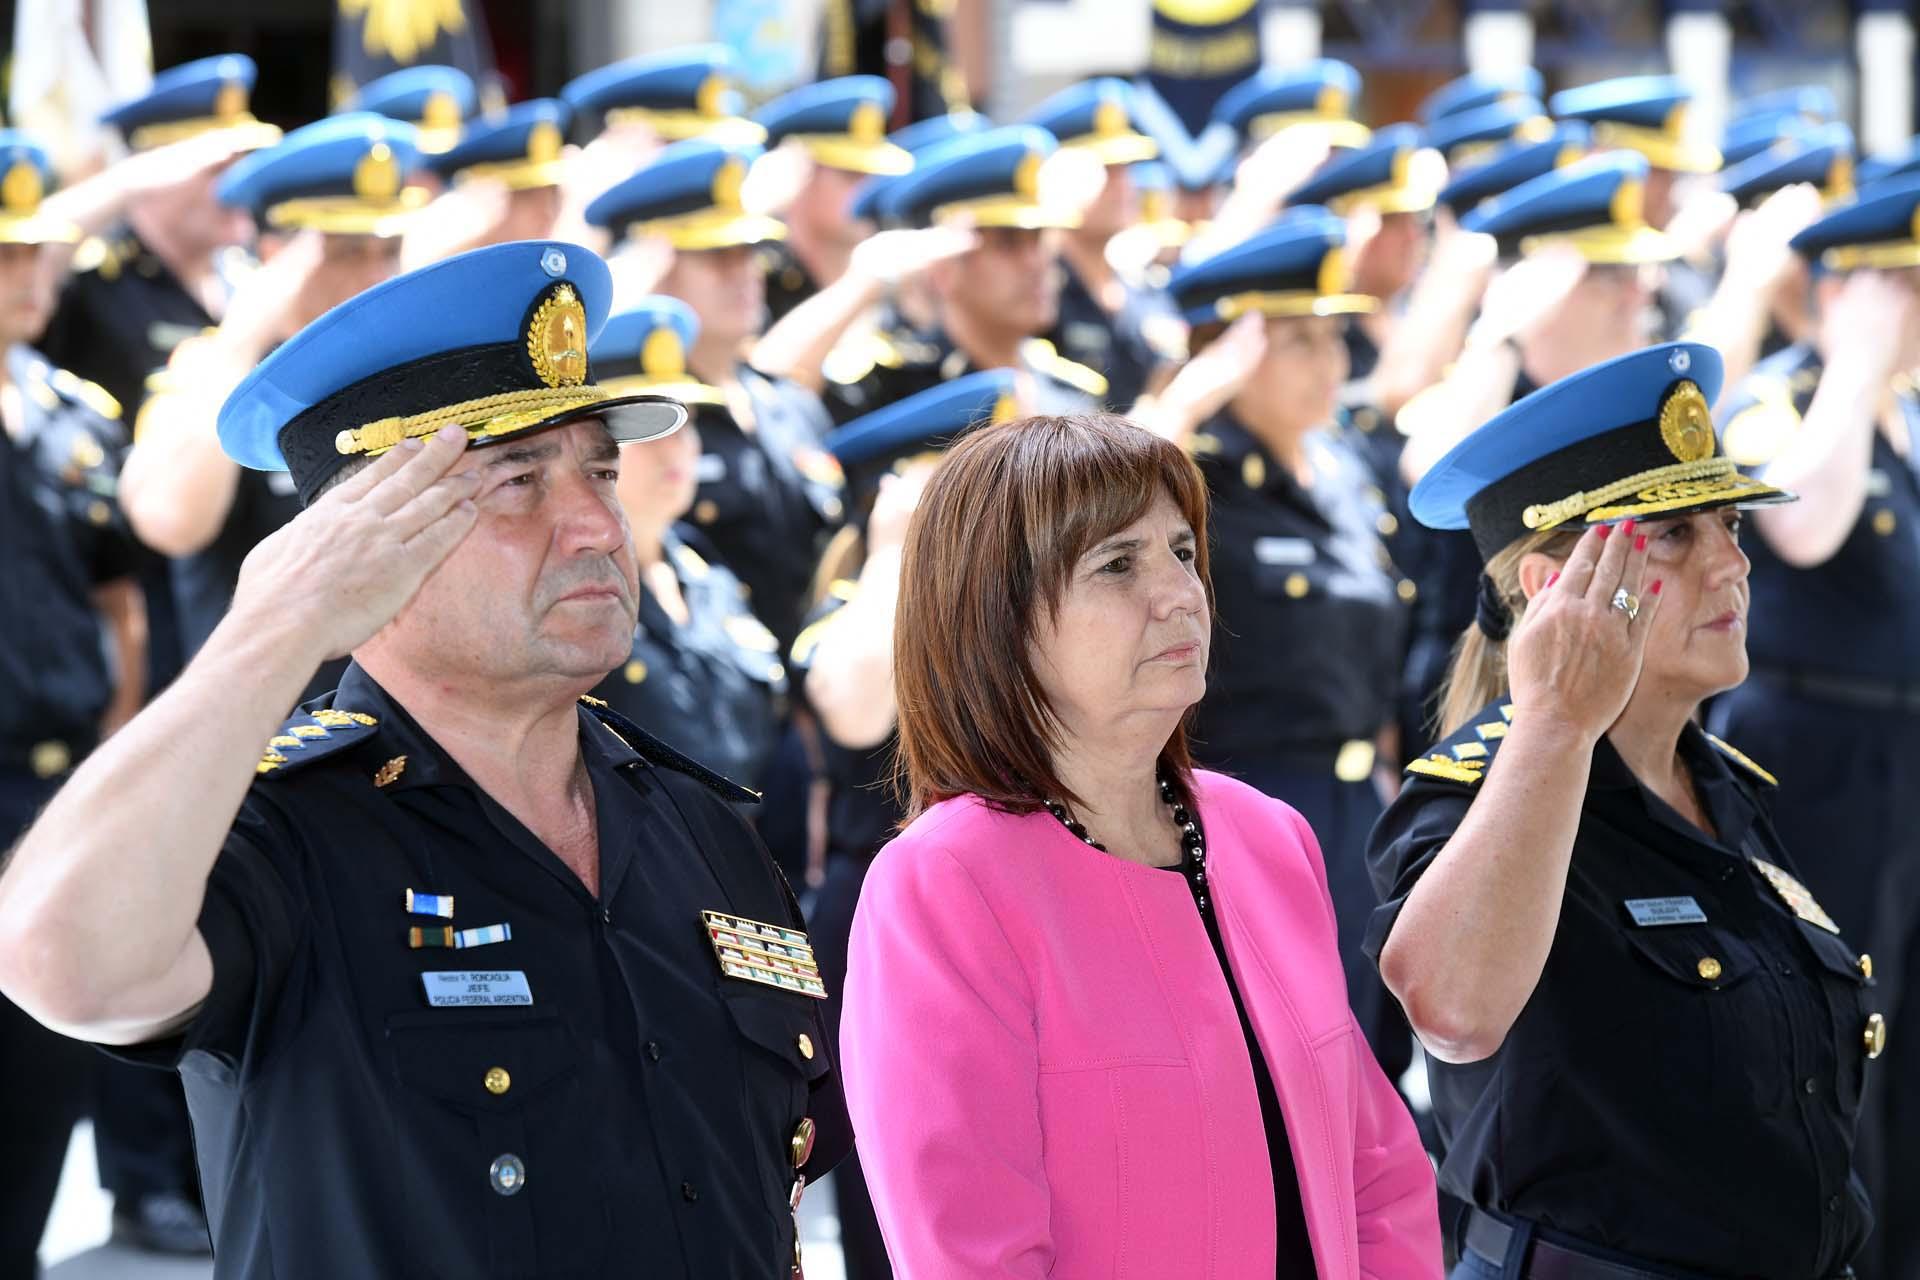 El Gobierno oficializó un nuevo reglamento general para el empleo de armas de fuego (foto: Maxi Luna)